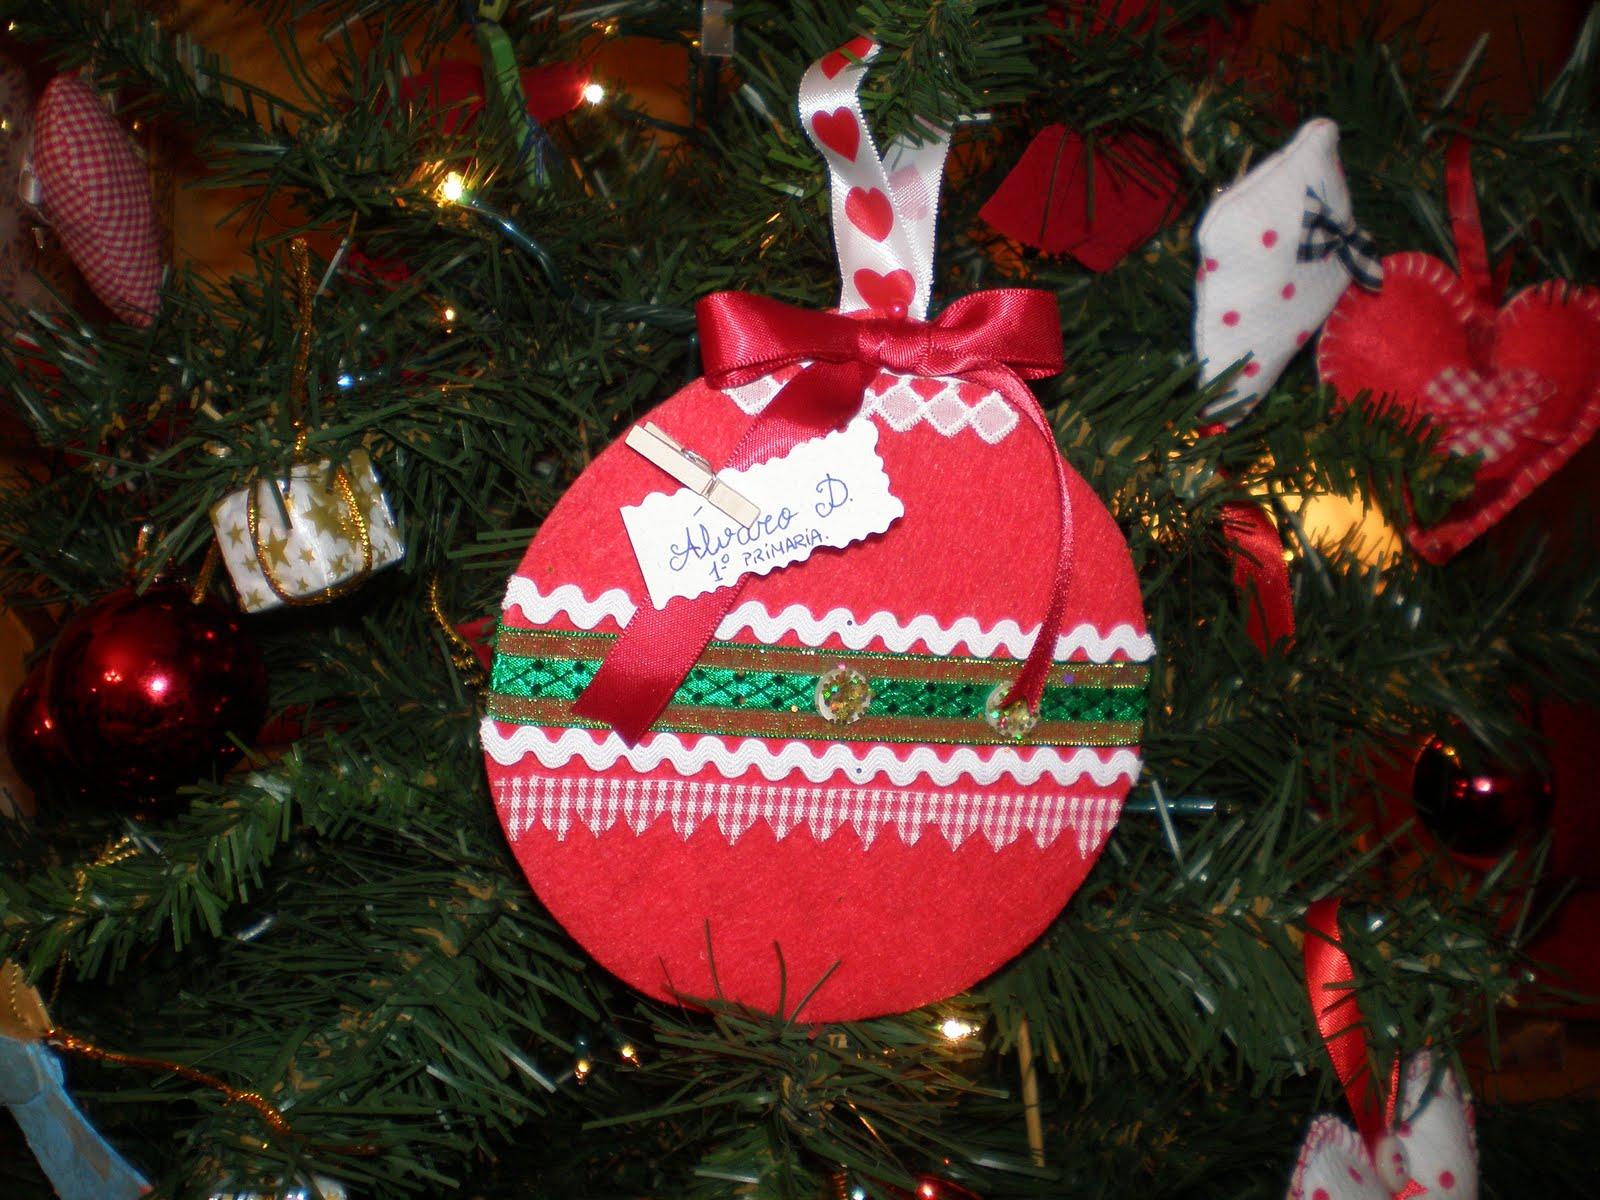 Dentrodelagaveta bola de navidad para el colegio - Como decorar una bola de navidad ...